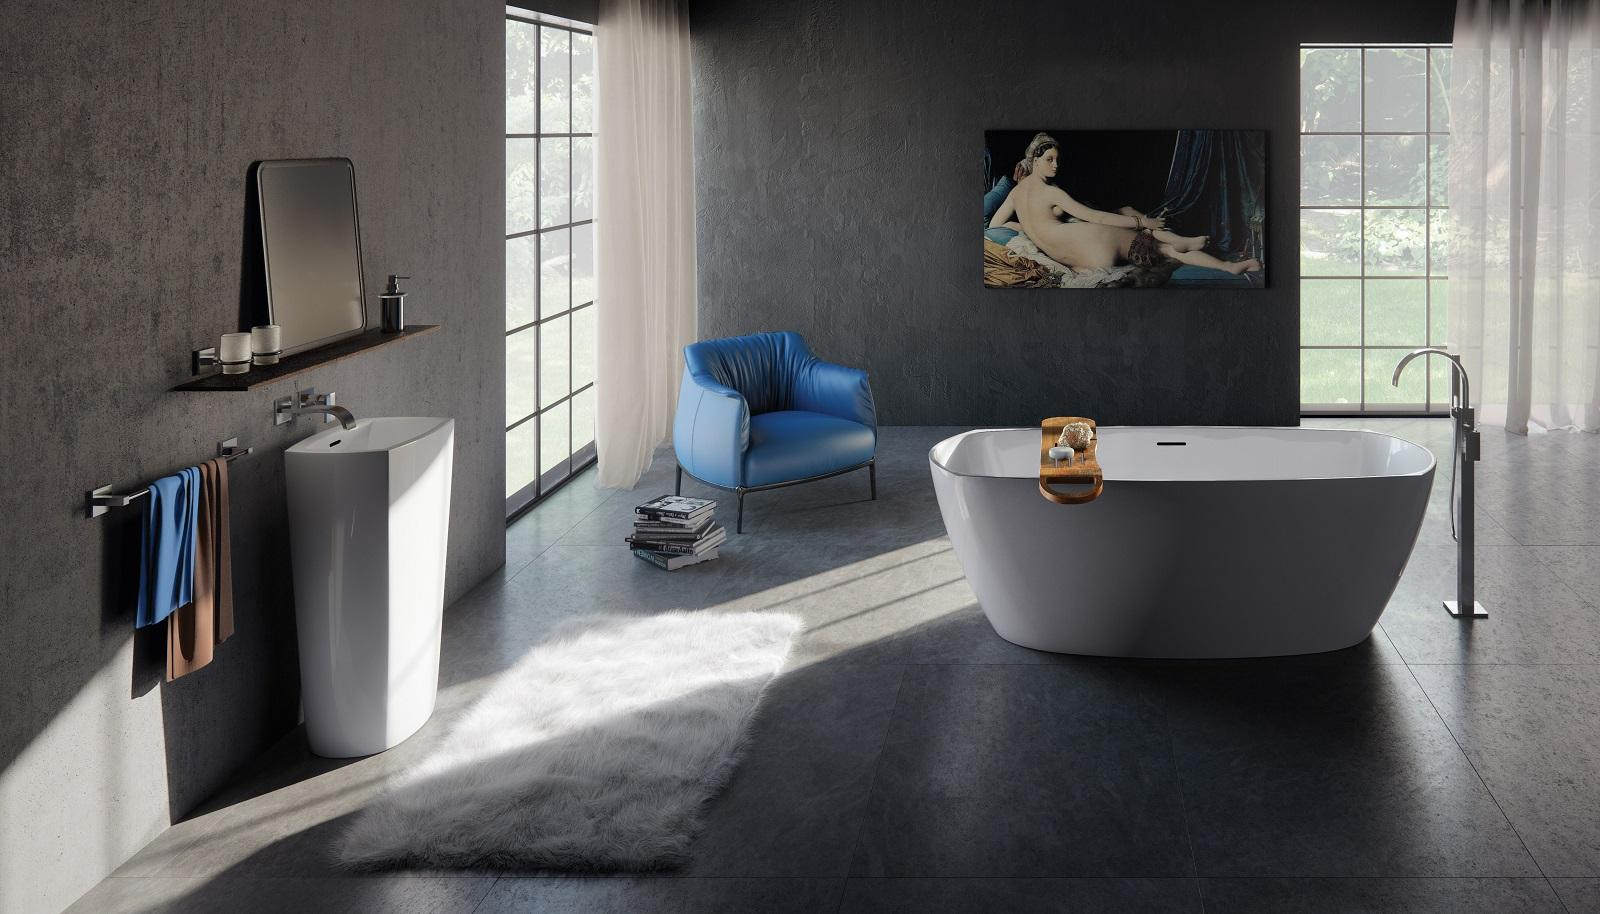 Vasca Da Bagno Ghisa Prezzi : Le vasche da bagno non sono realizzate soltanto in acrilico